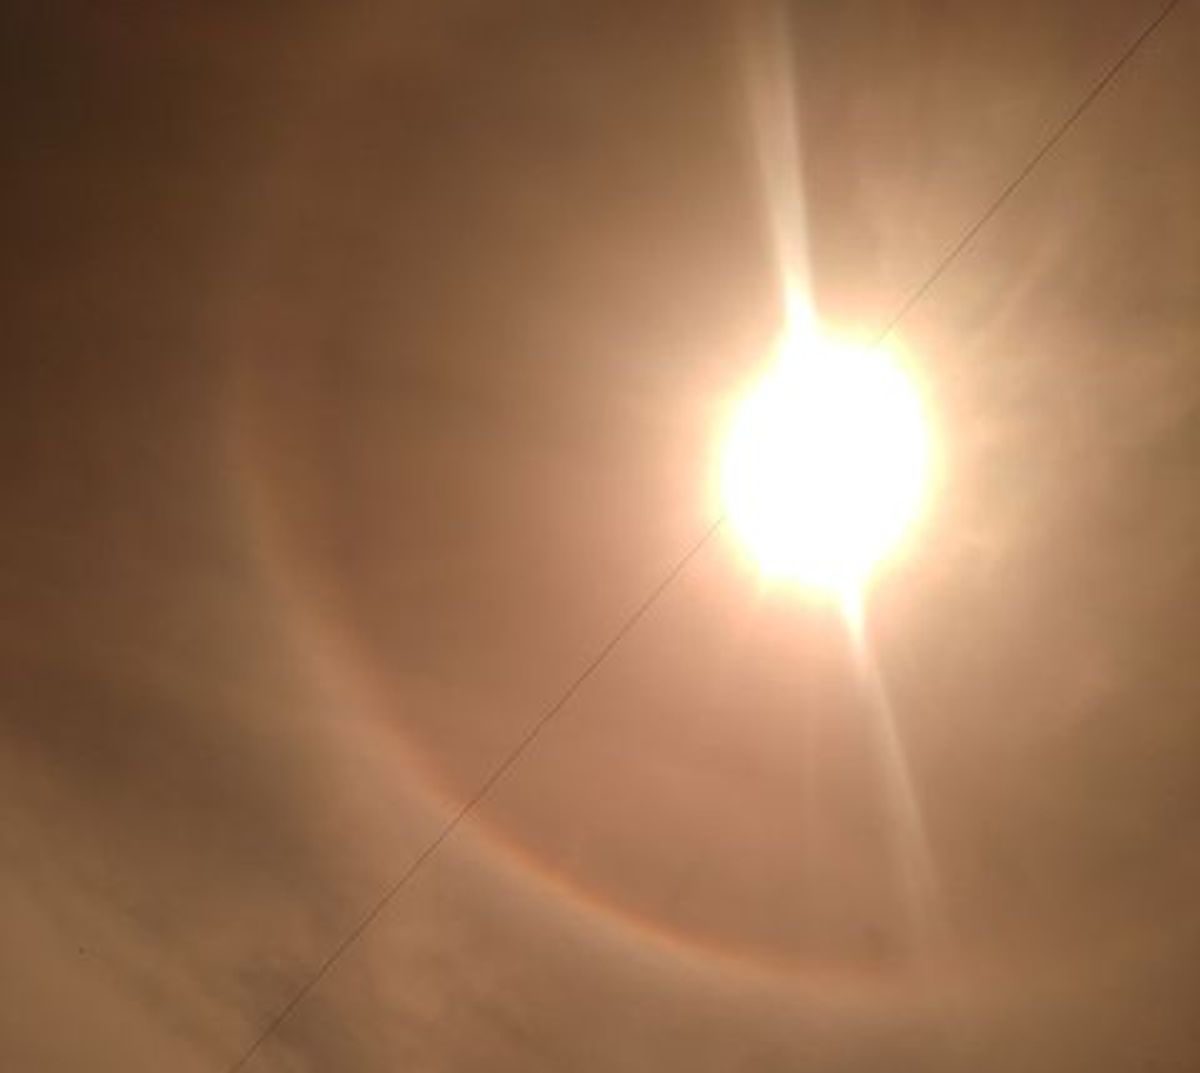 Ciekawe zjawisko. Słońce w aureoli